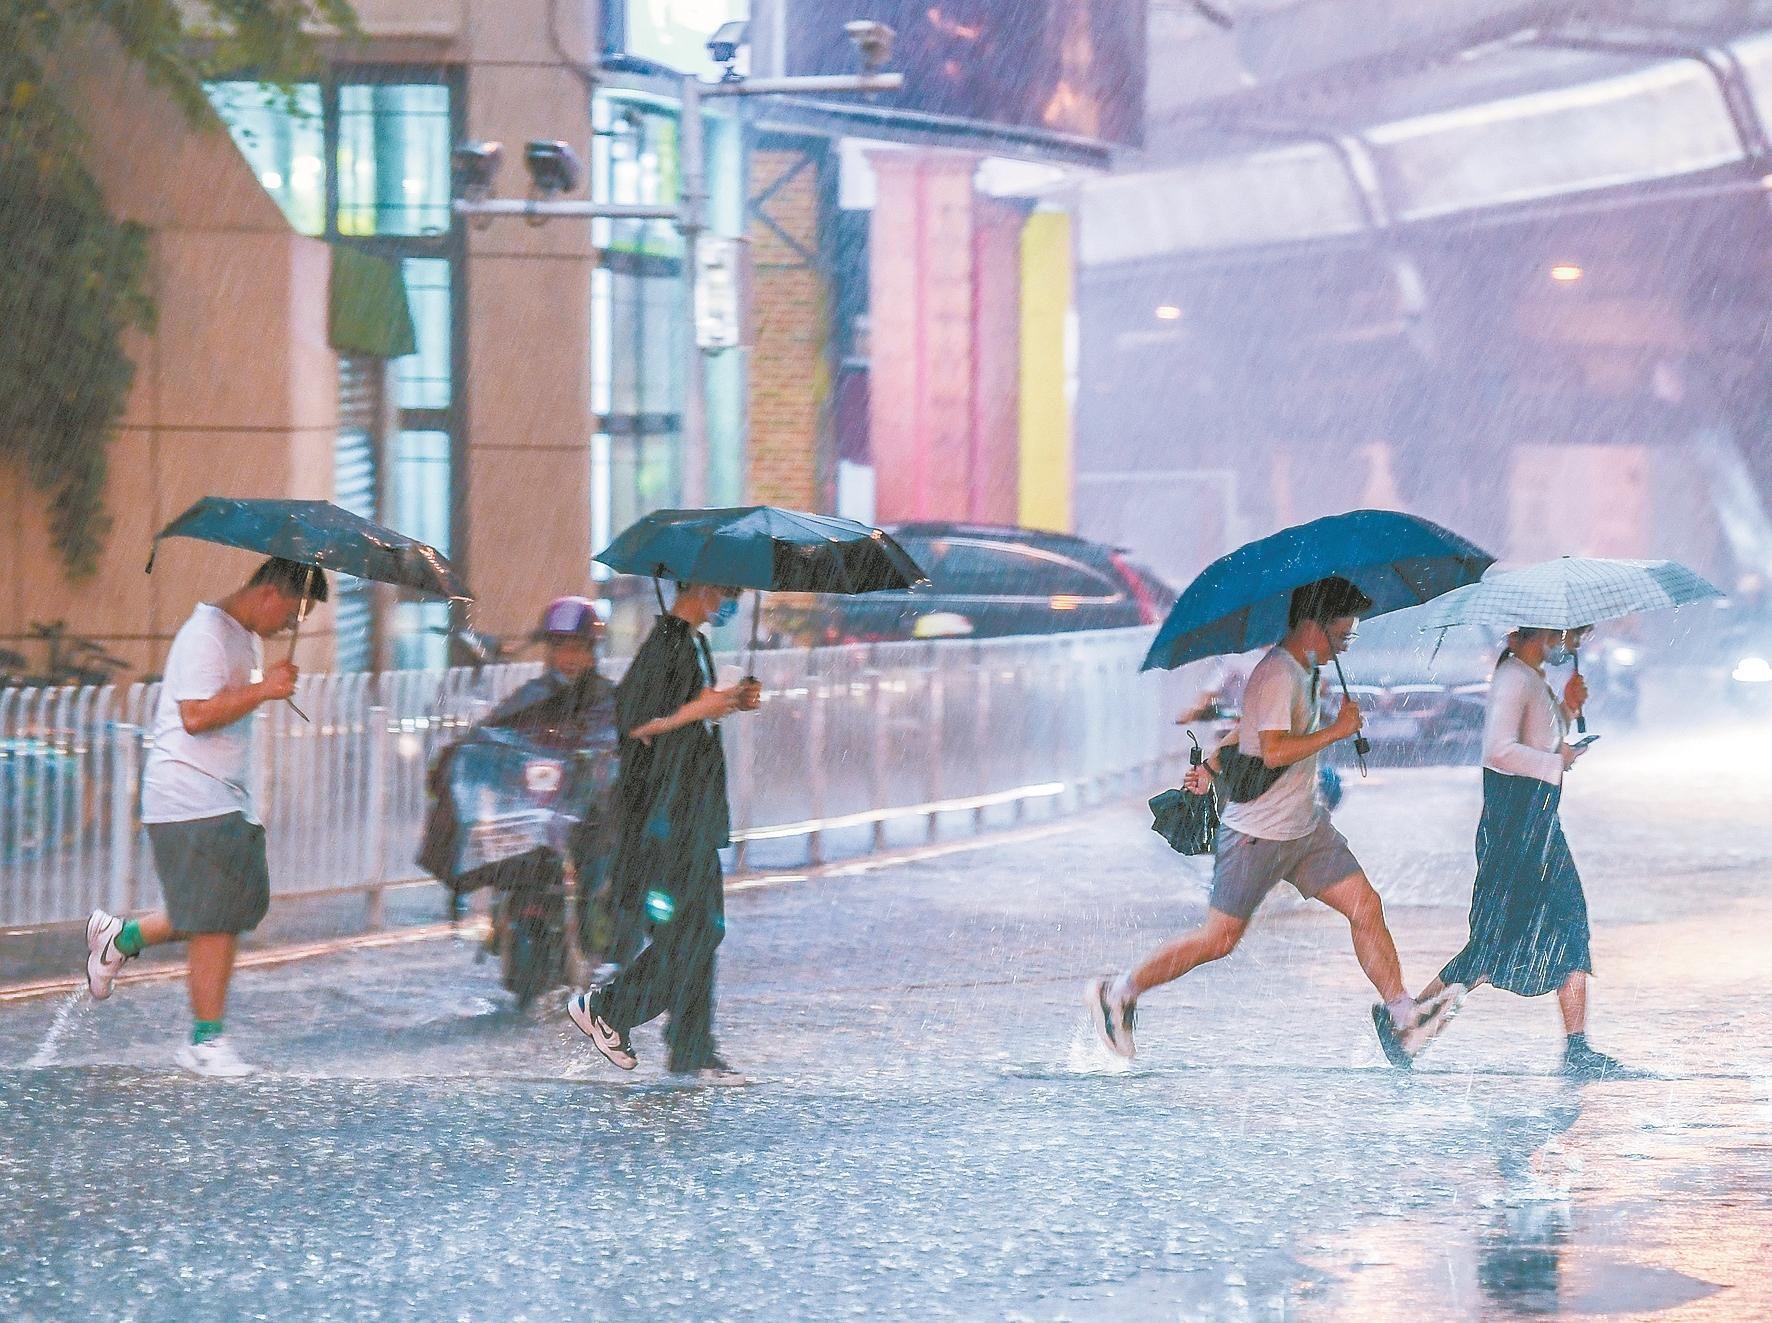 雨水包昨日投遞武漢厚此薄彼   今日局部仍有暴雨